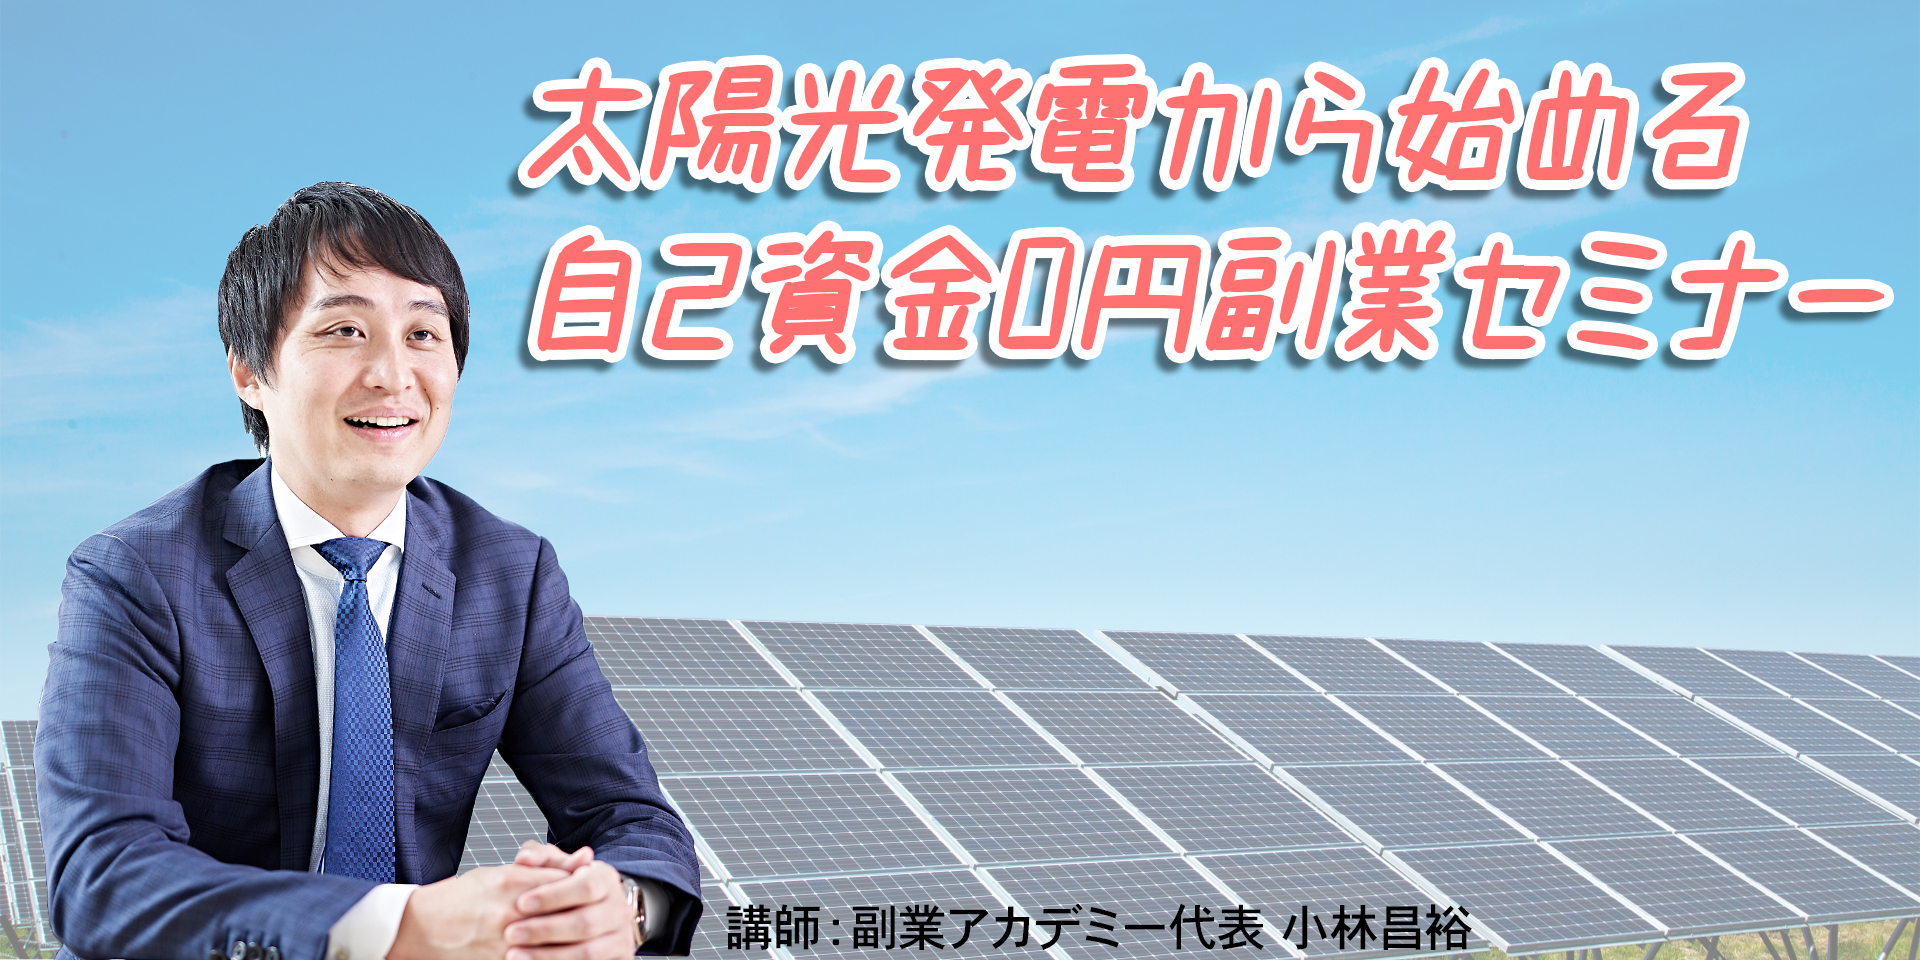 太陽光セミナー